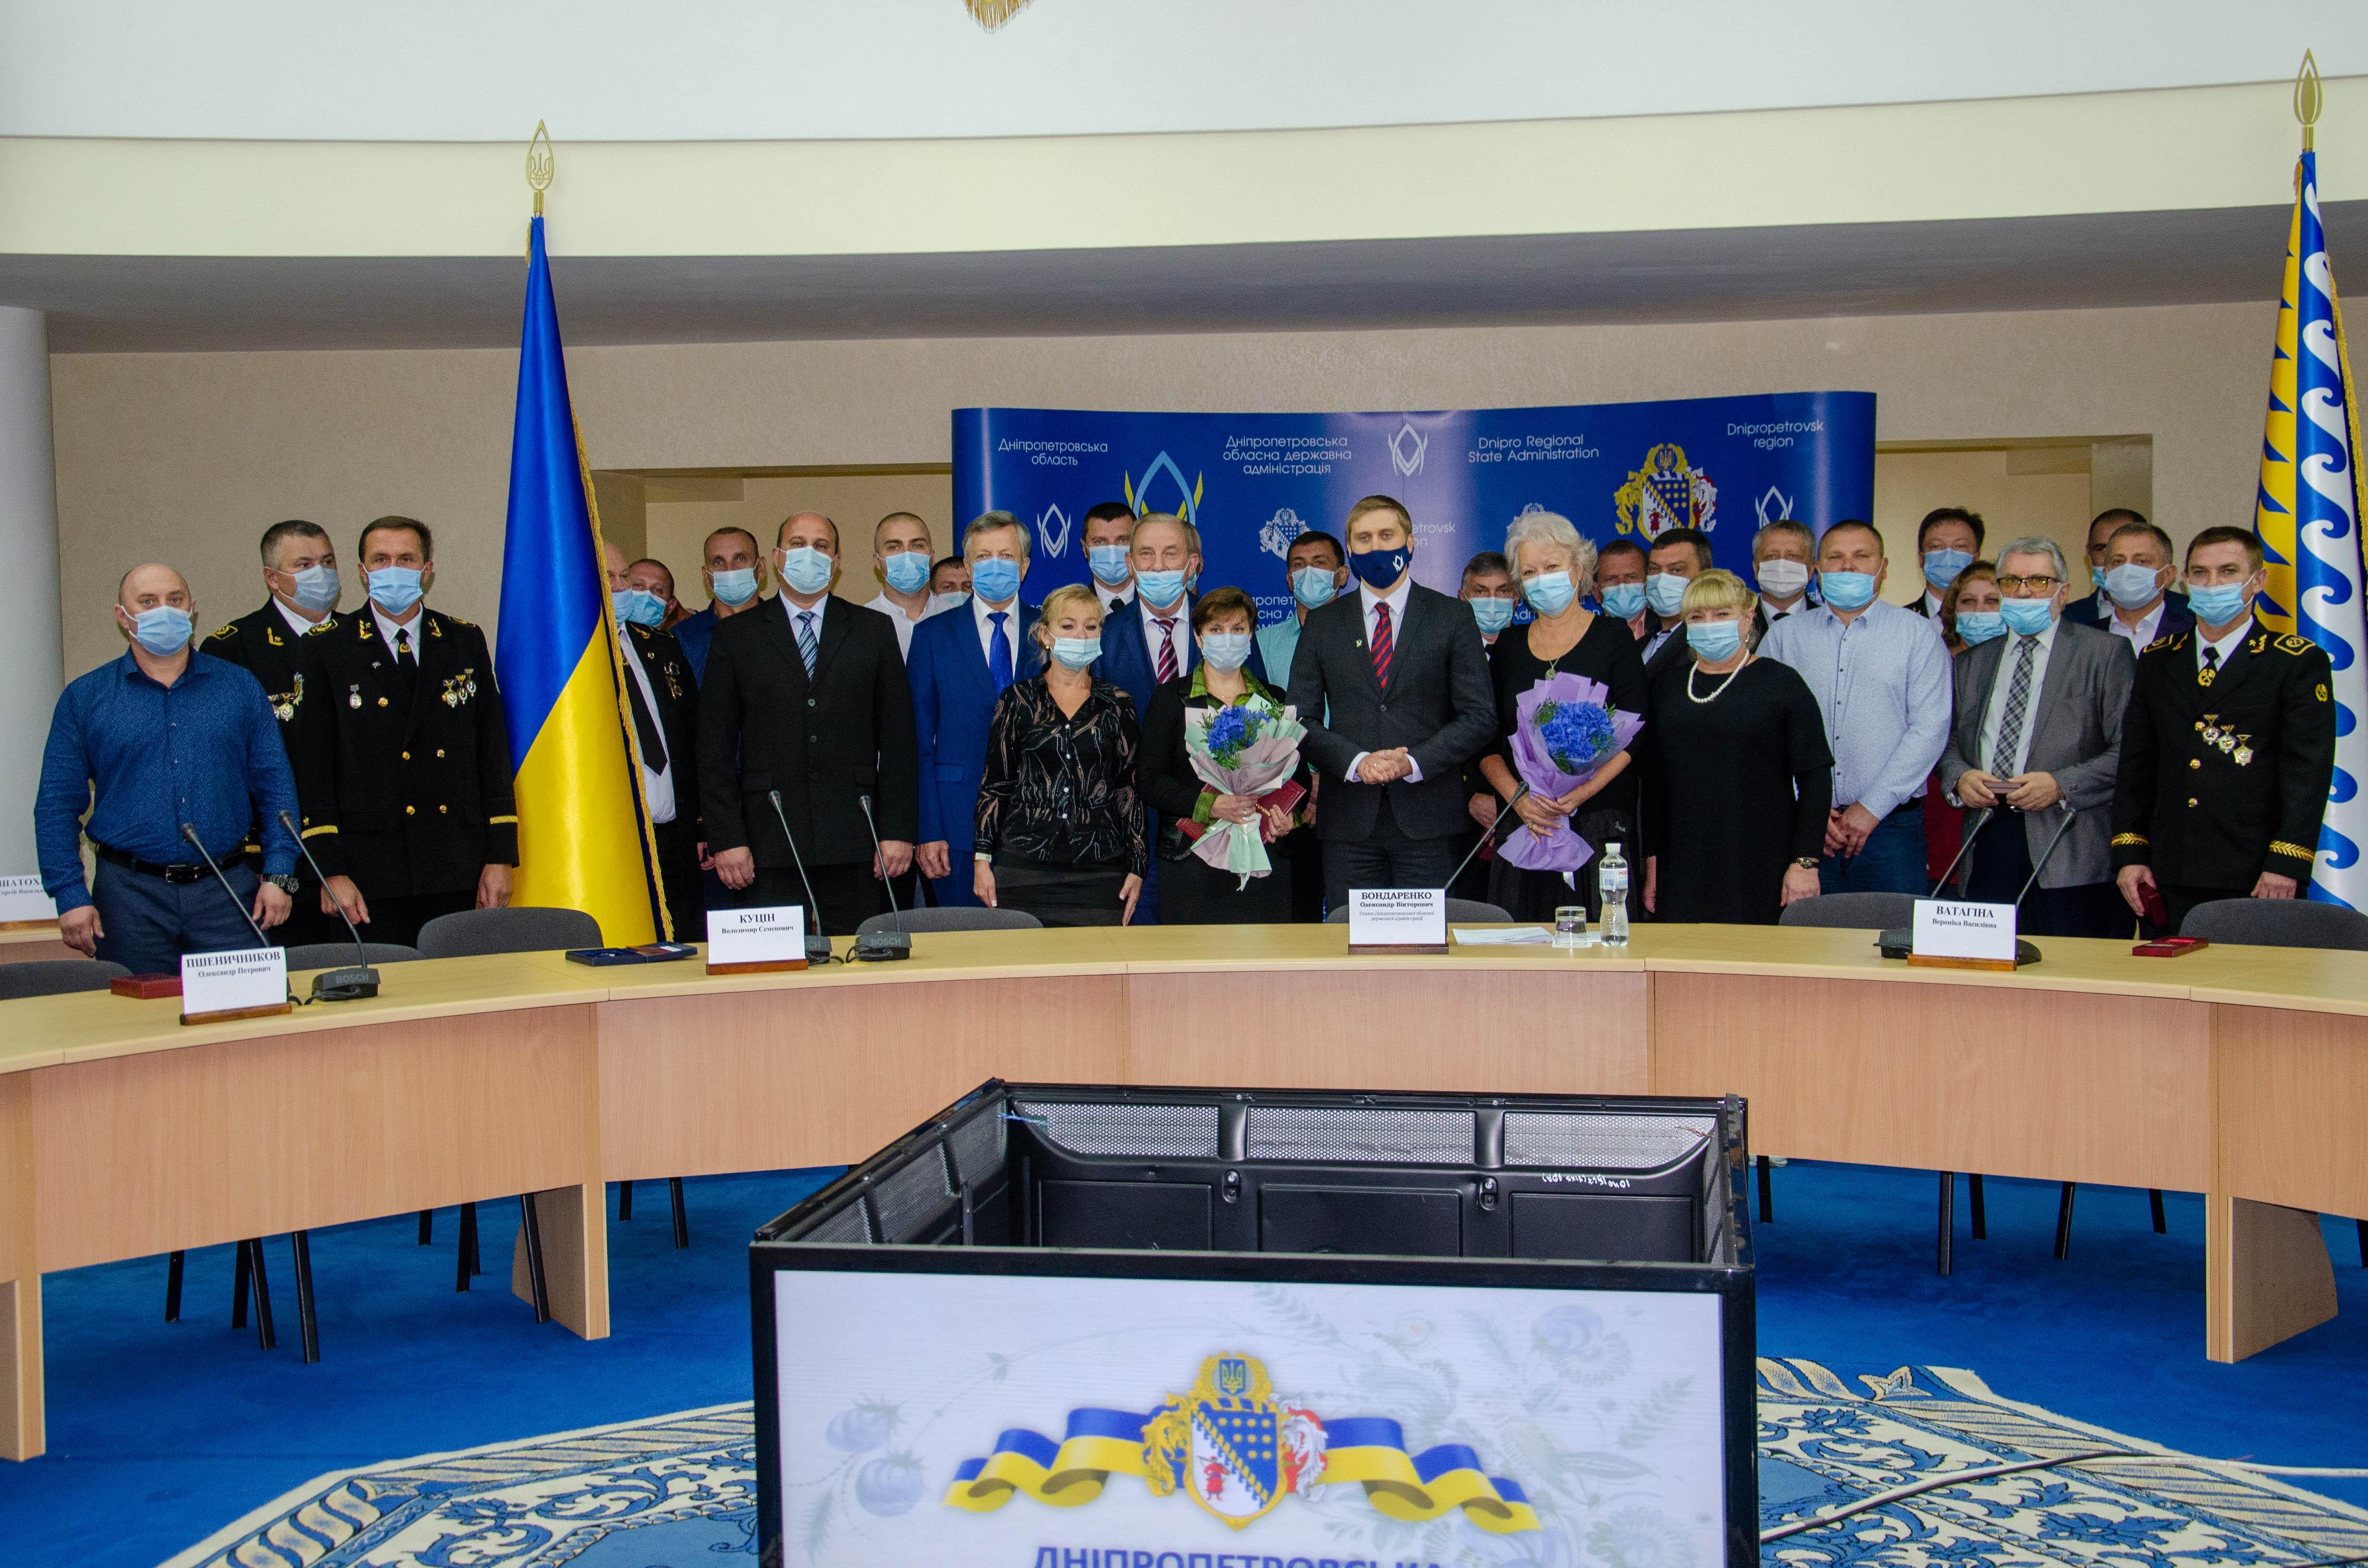 Шахтеры Западного Донбасса отмечены государственными наградами